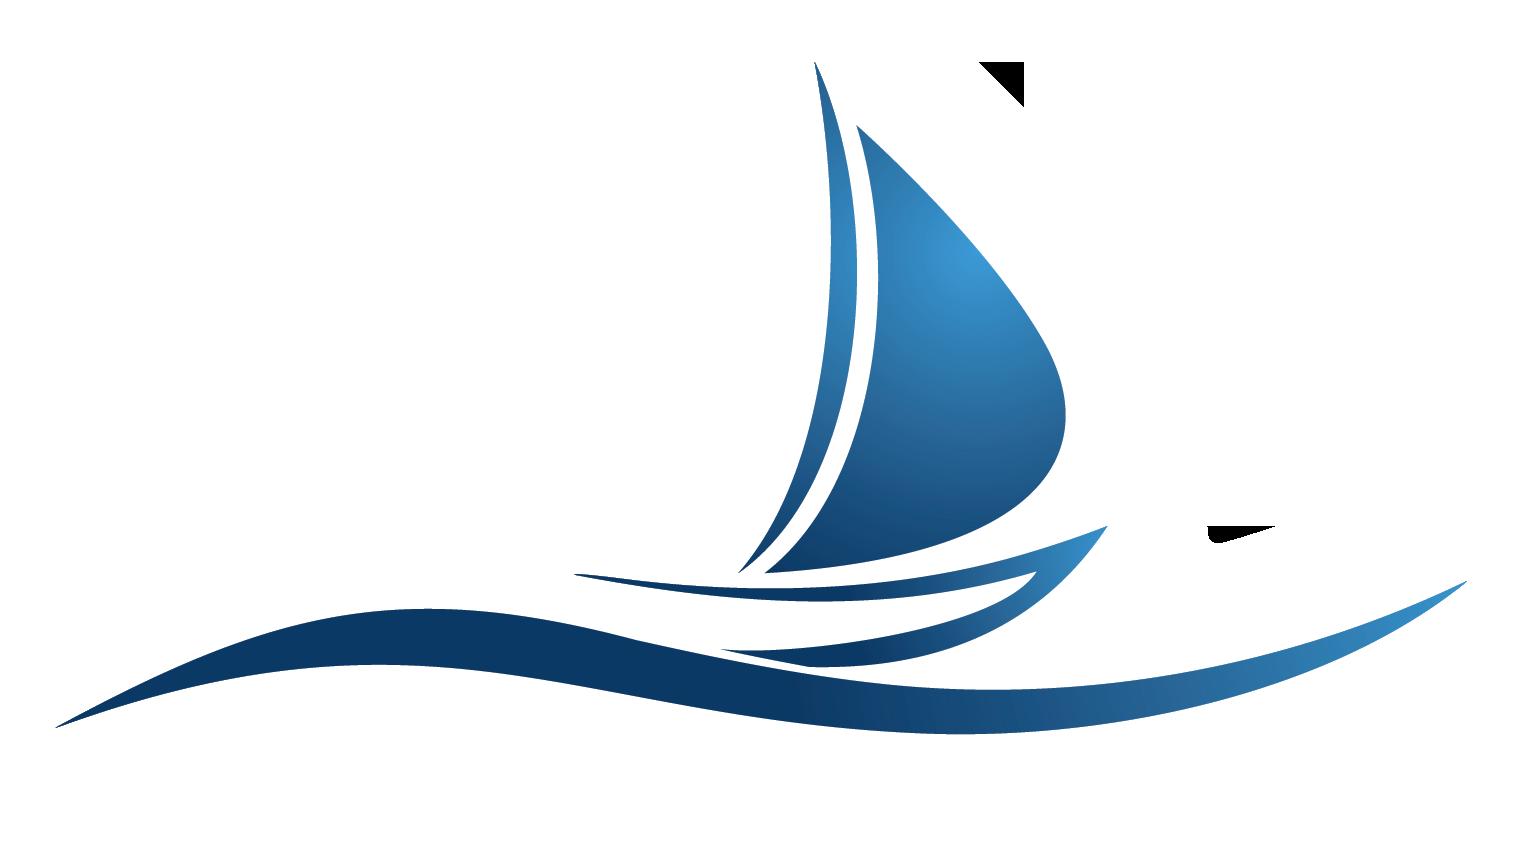 КП «Белые паруса» | Краснодар — официальный сайт партнера застройщика